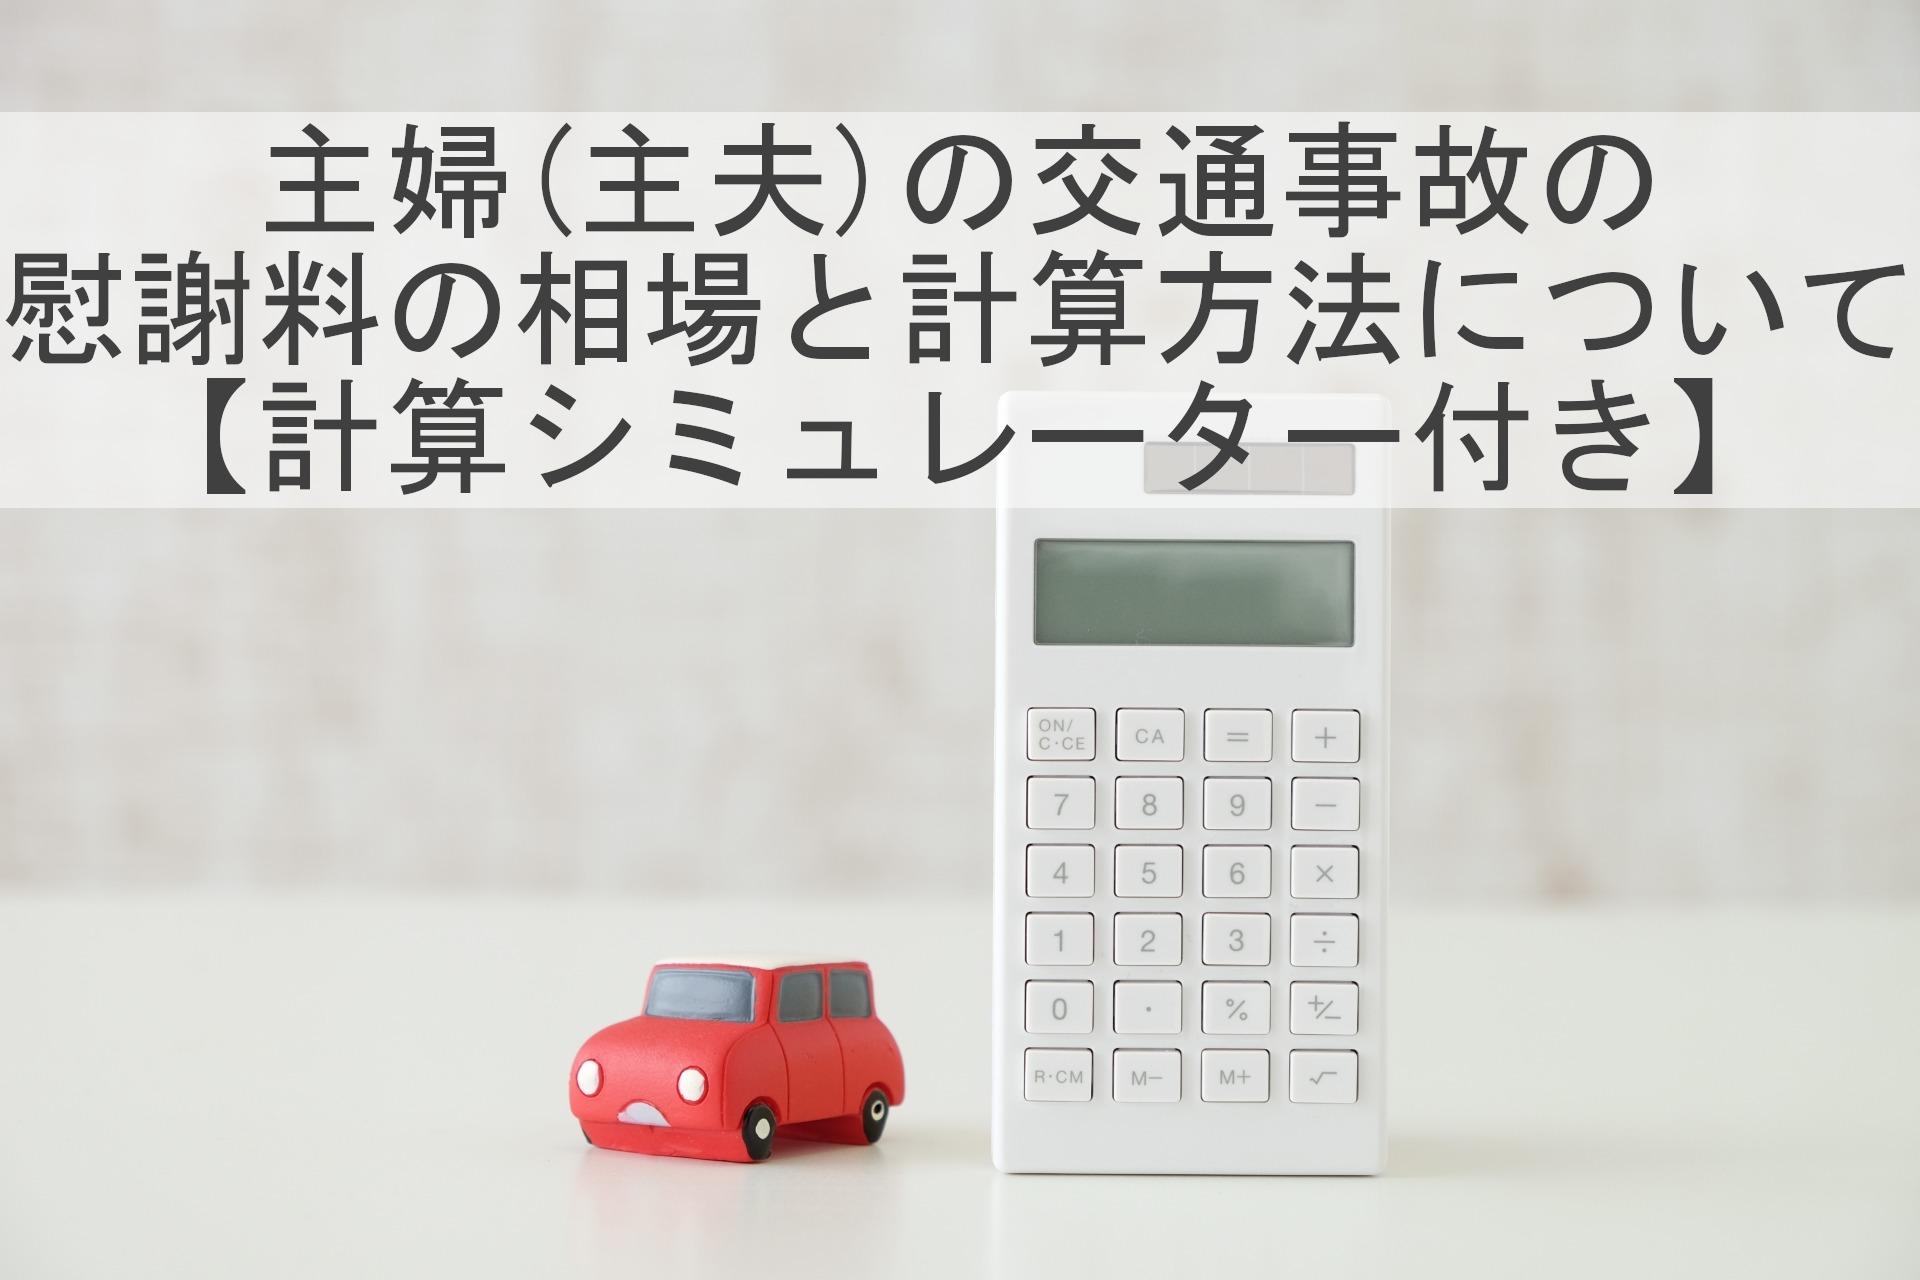 主婦(主夫)の交通事故の慰謝料の相場と計算方法について【計算シミュレーター付き】